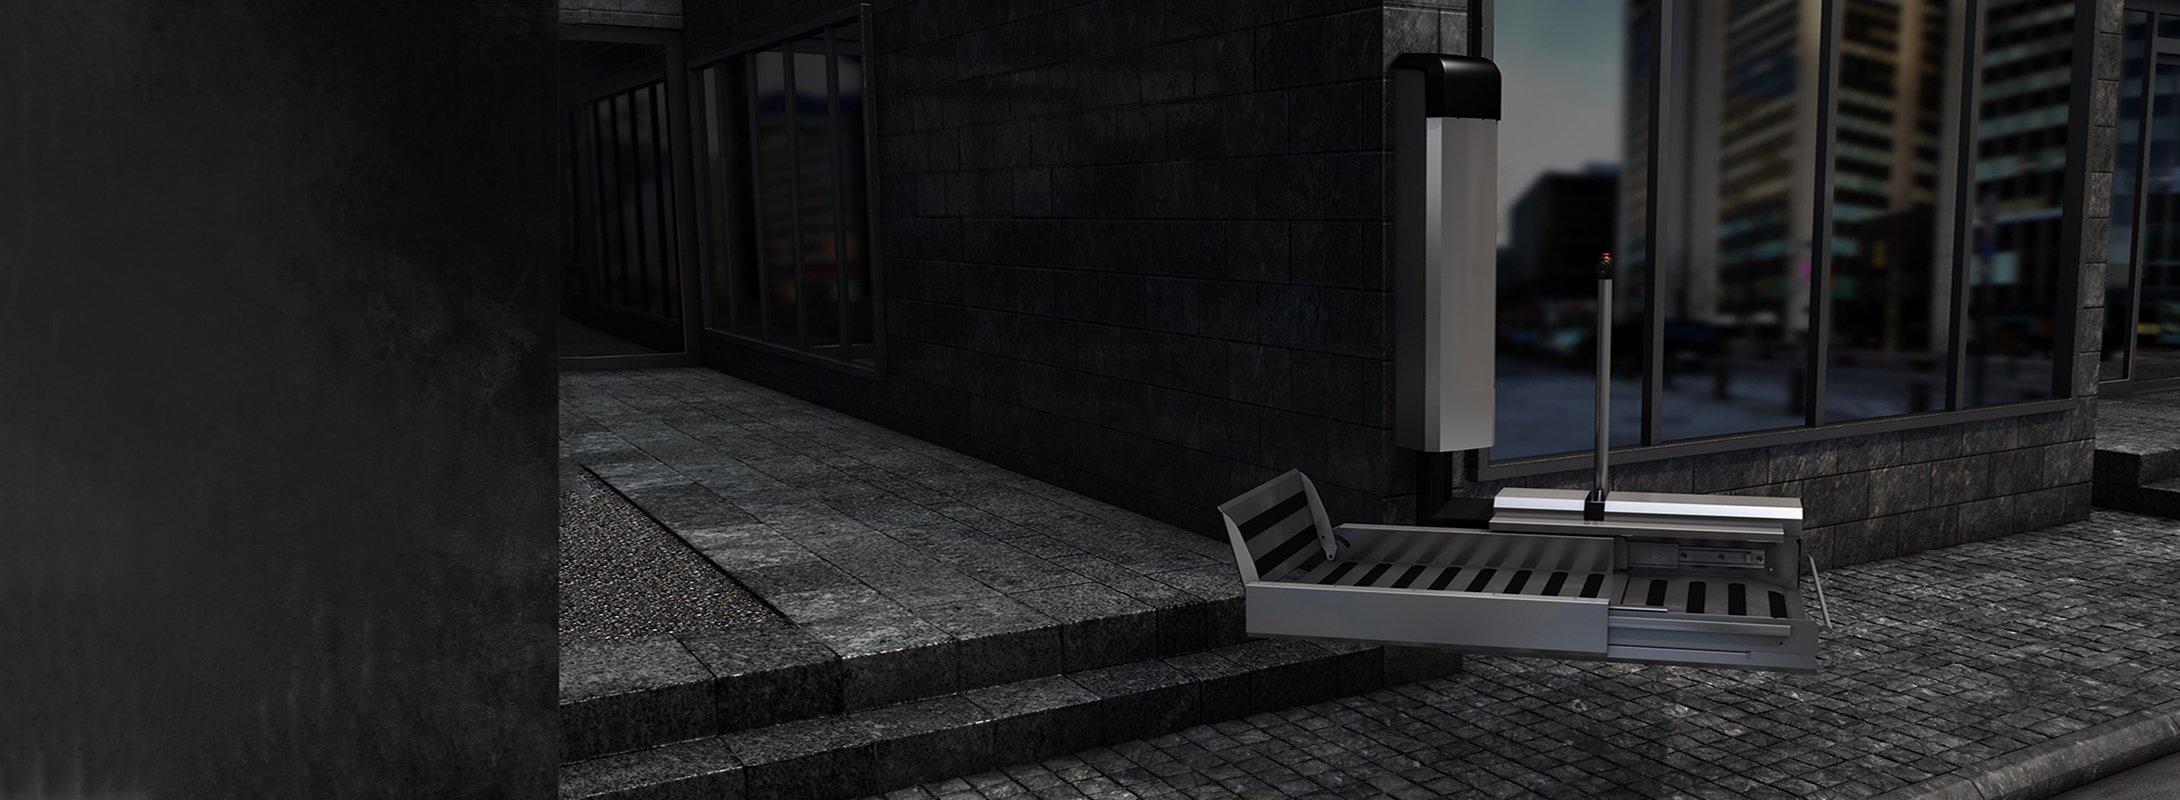 Street-smart stairlift